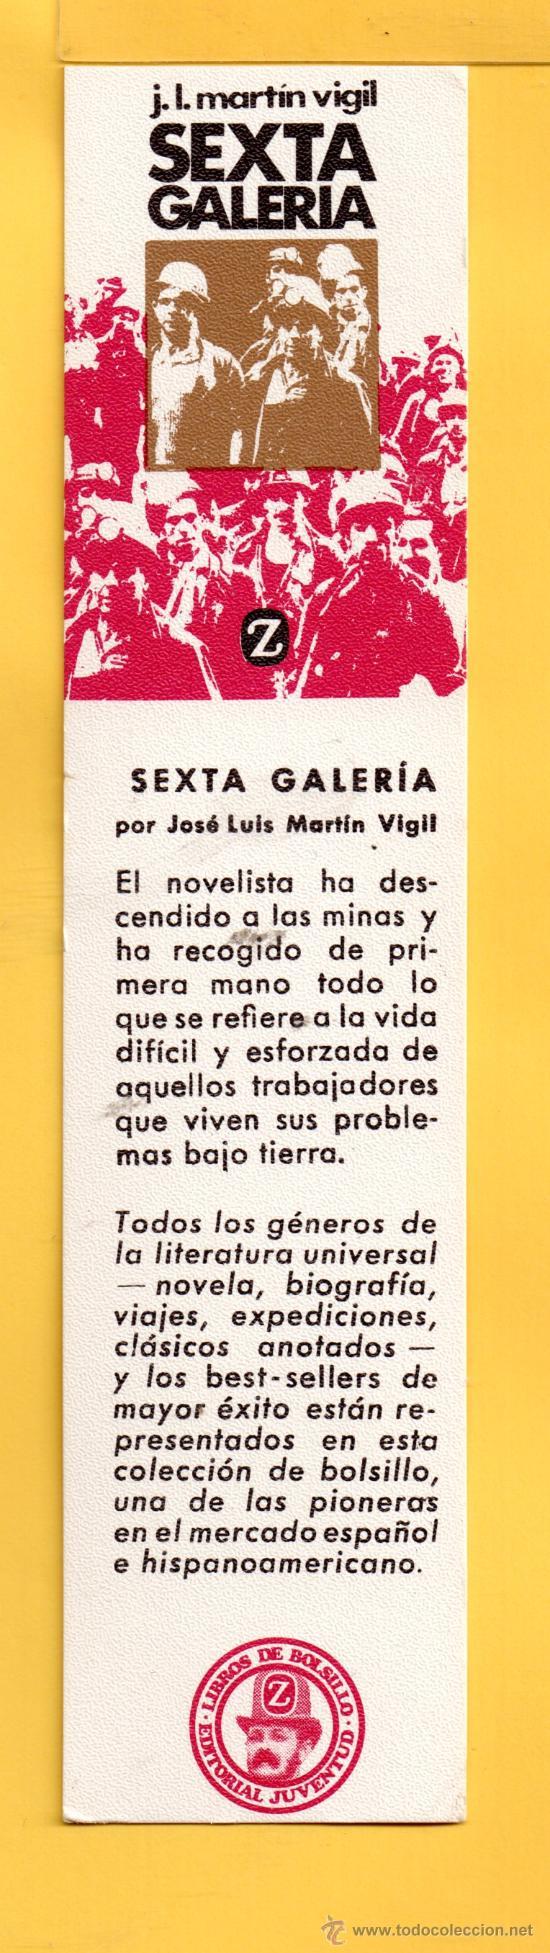 MARCAPÁGINAS DE EDICION JUVENTUD LIBROS DE BOLSILLO Z (Coleccionismo - Marcapáginas)